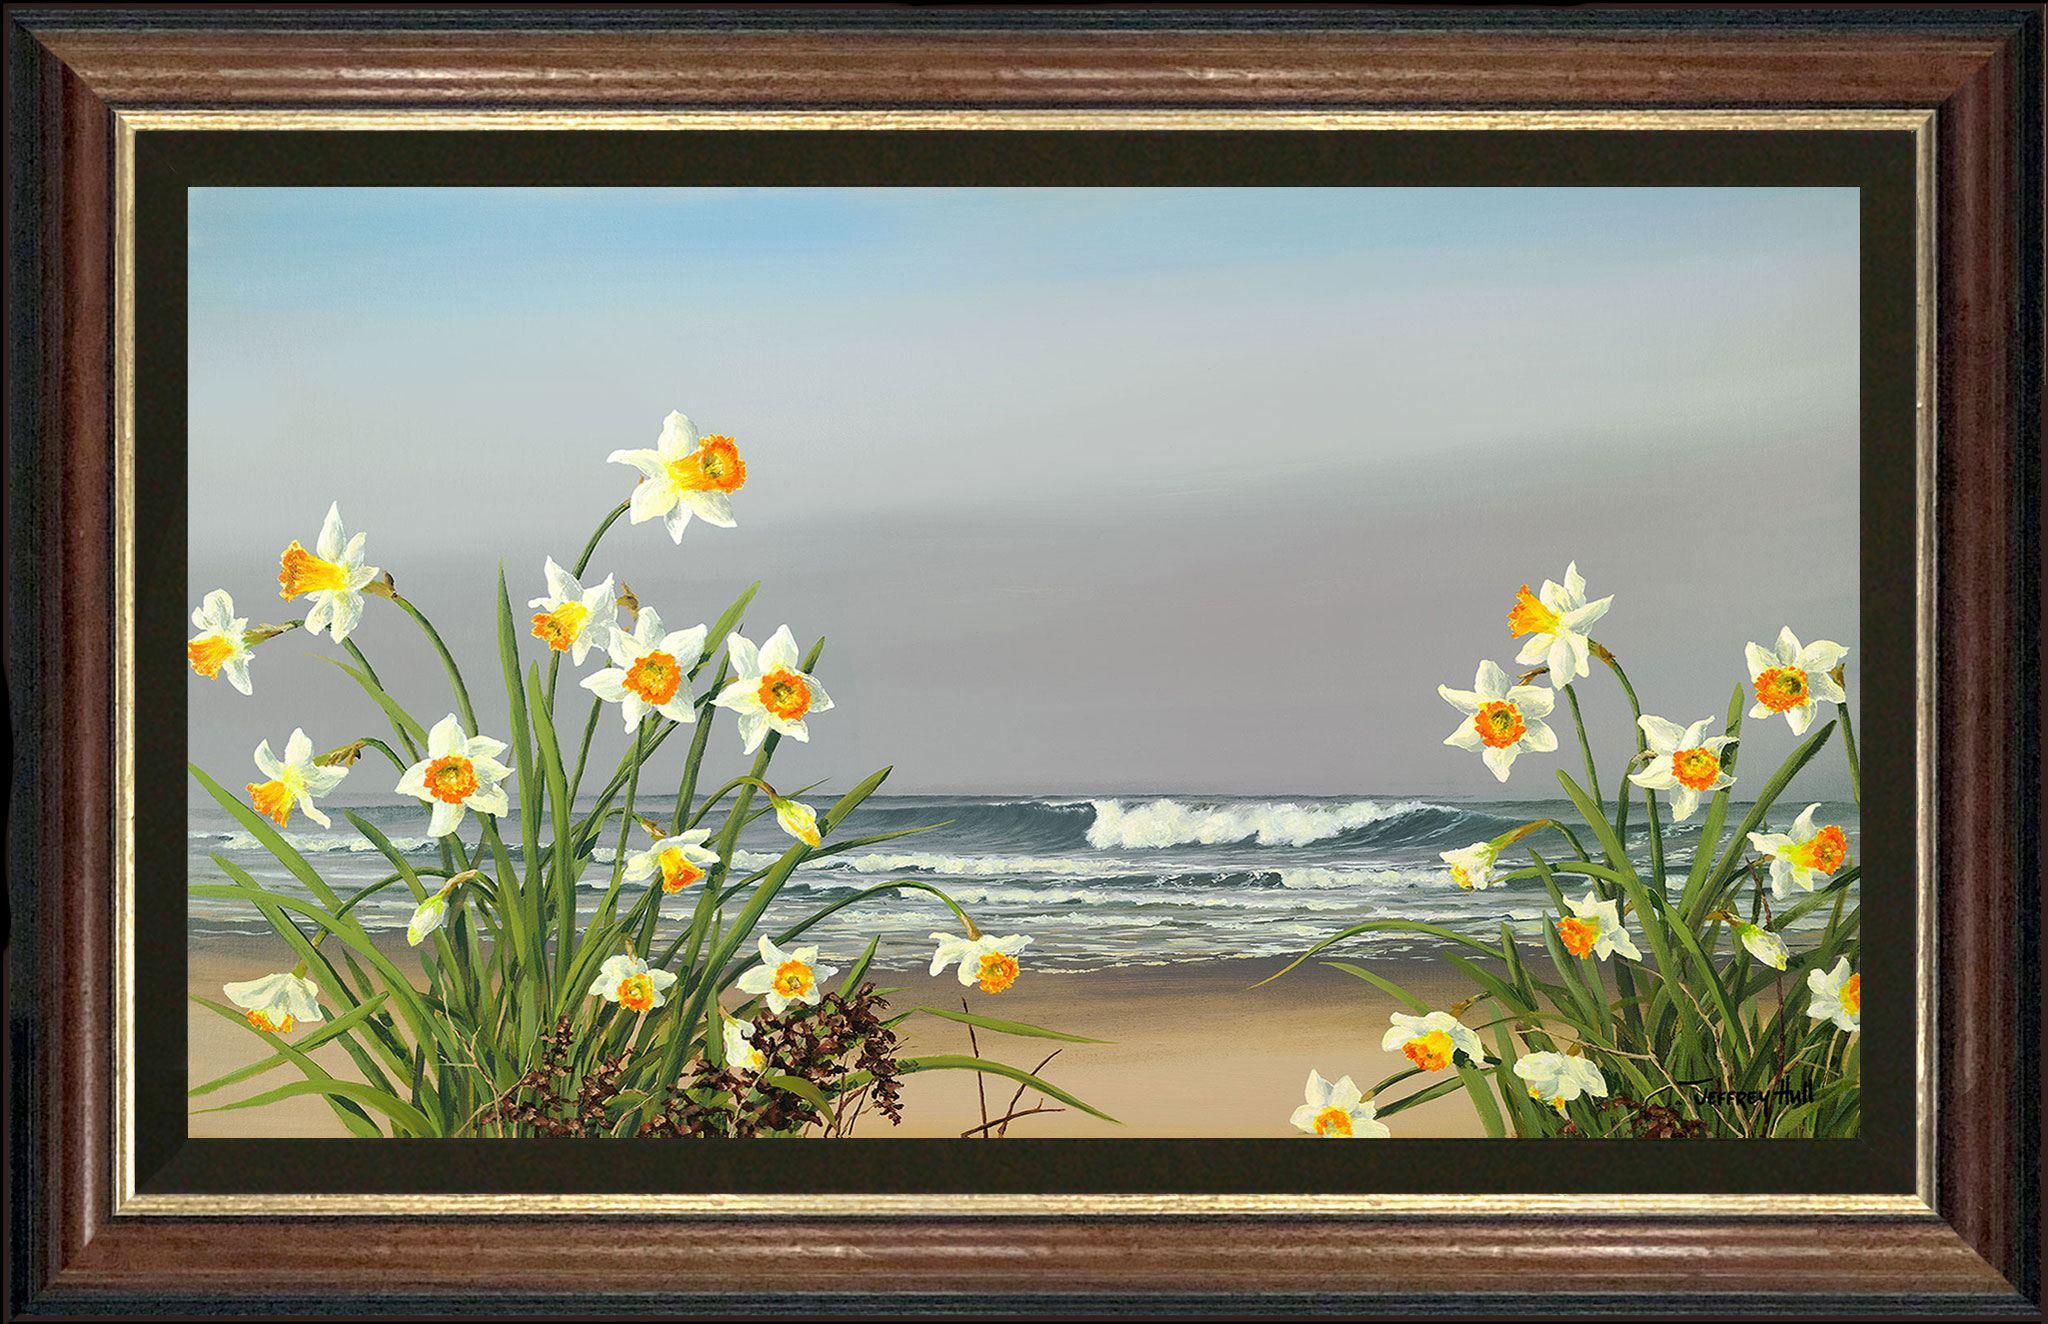 Shoreline-Daffodils-OpenEd-Malabar-Black-Liner-4-Website-2021